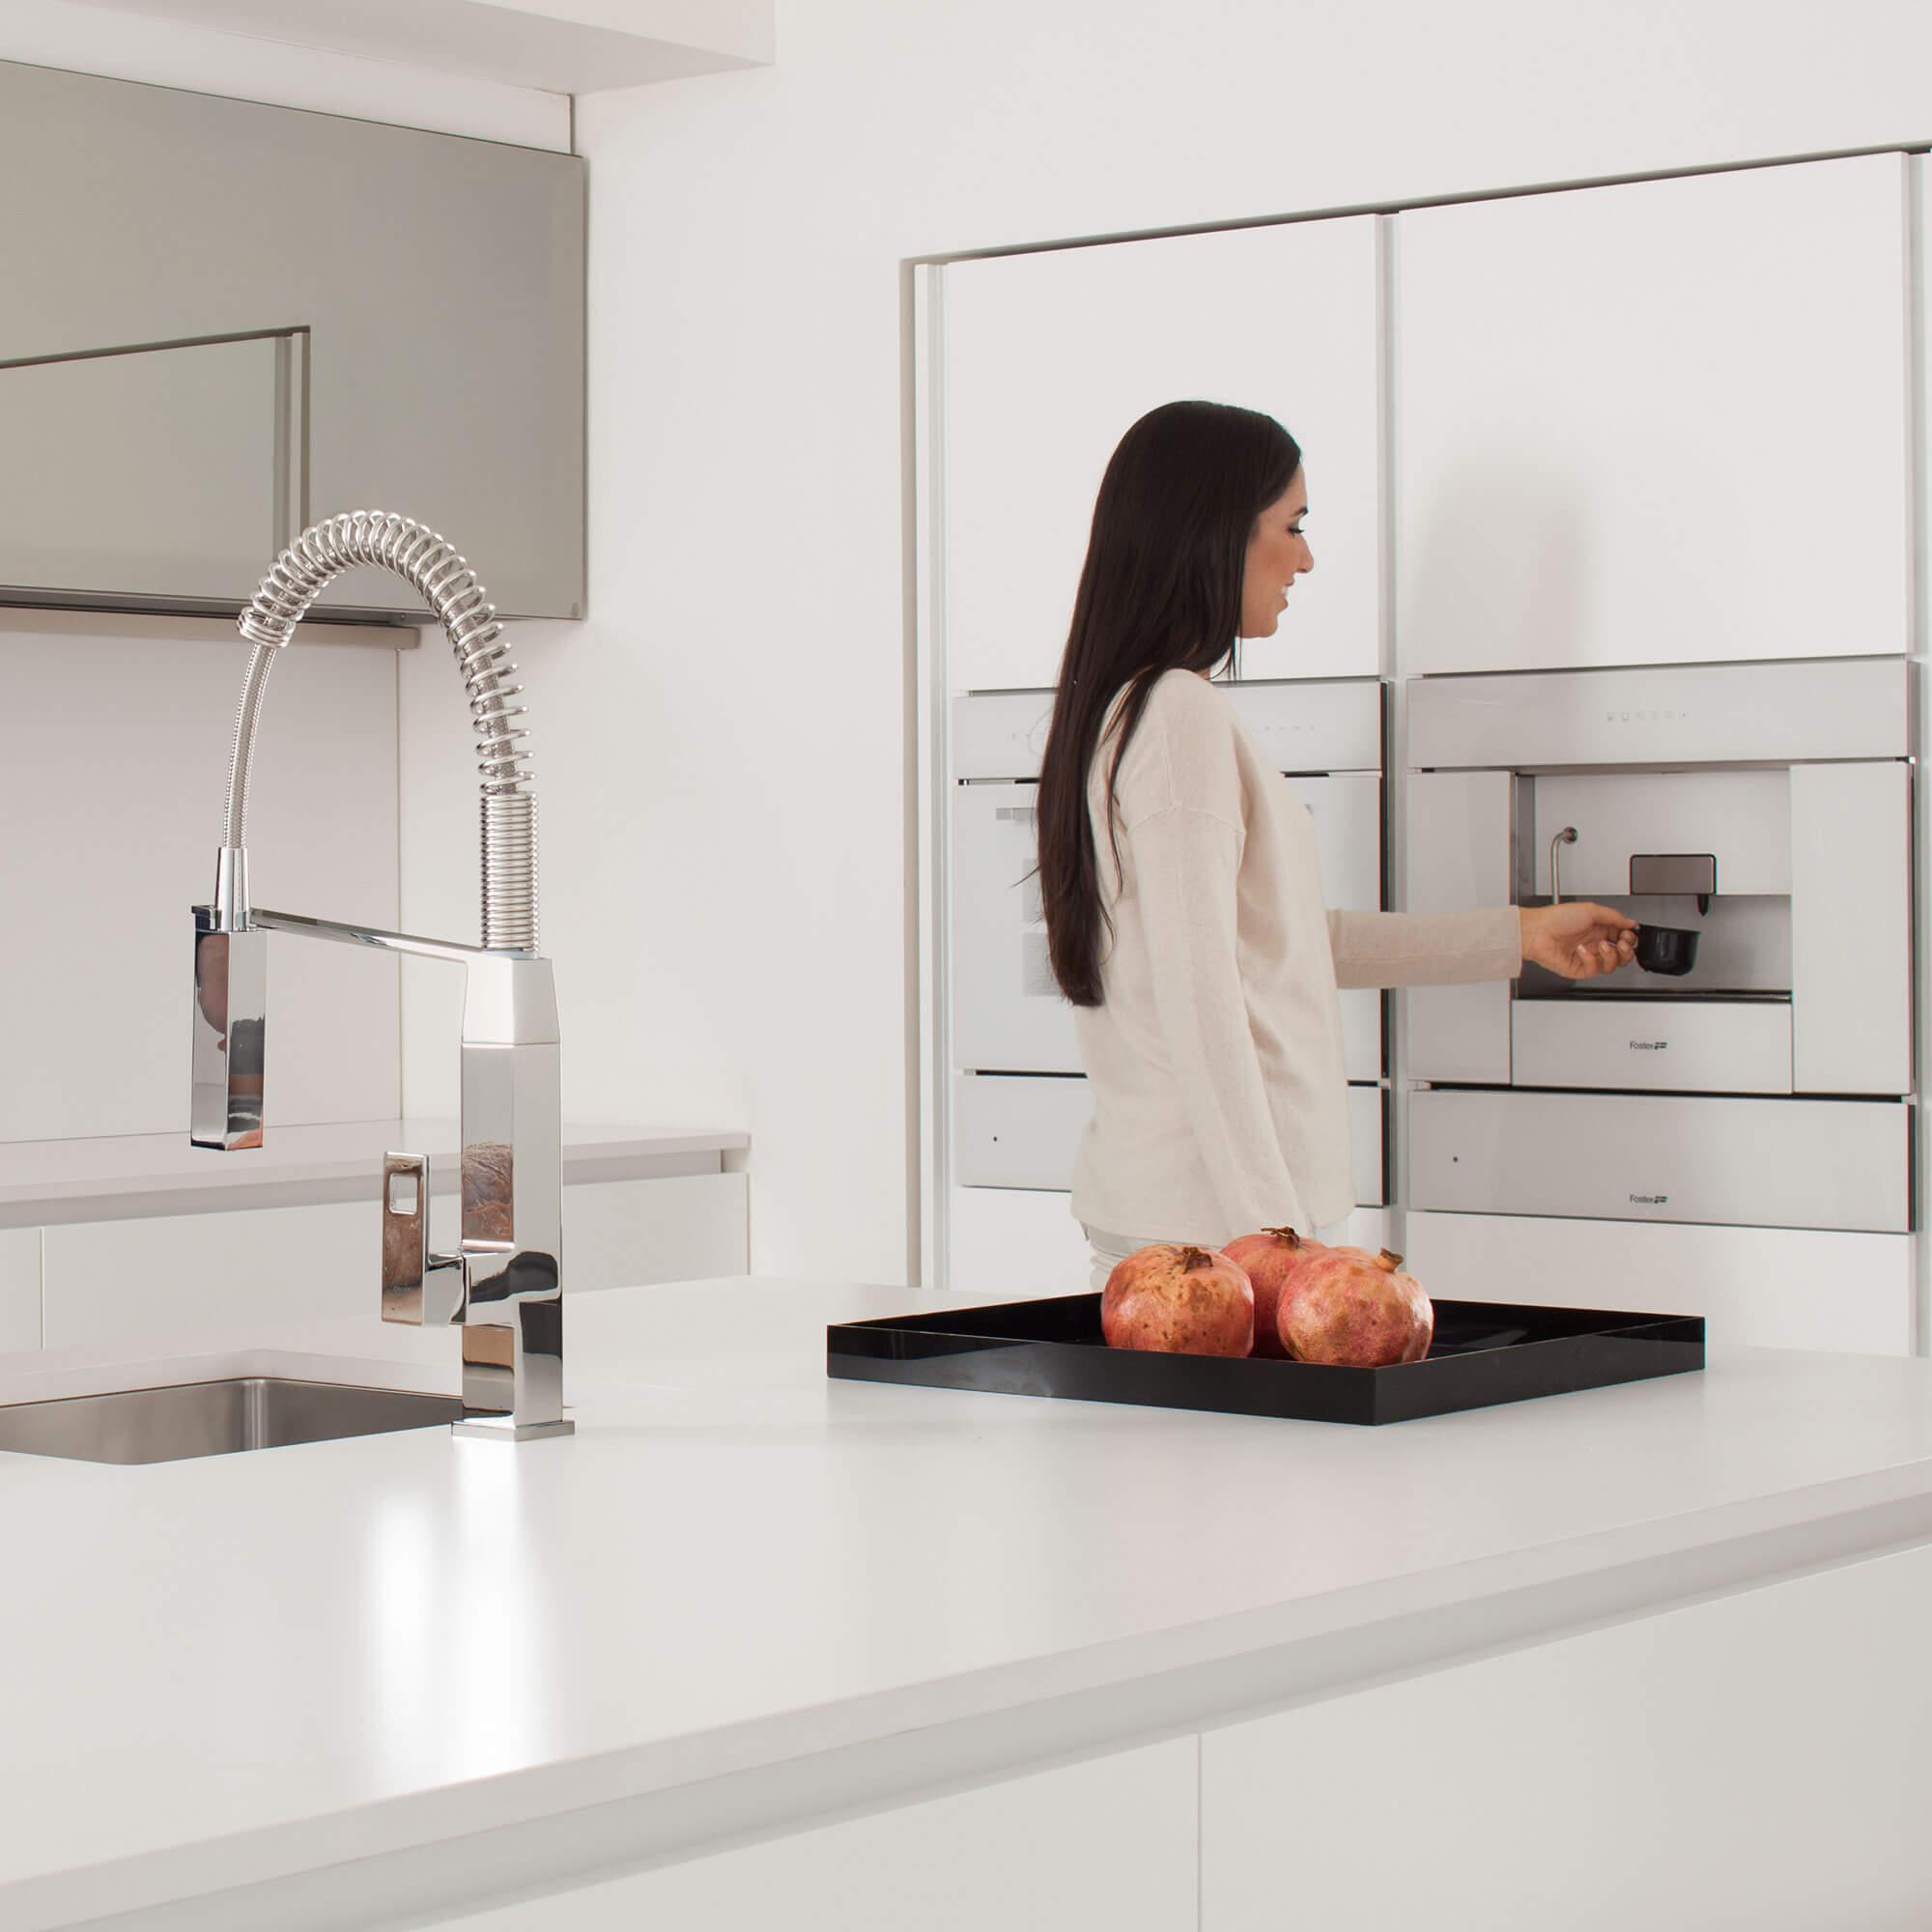 Robinet de cuisine Eurocube affiché devant une femme.